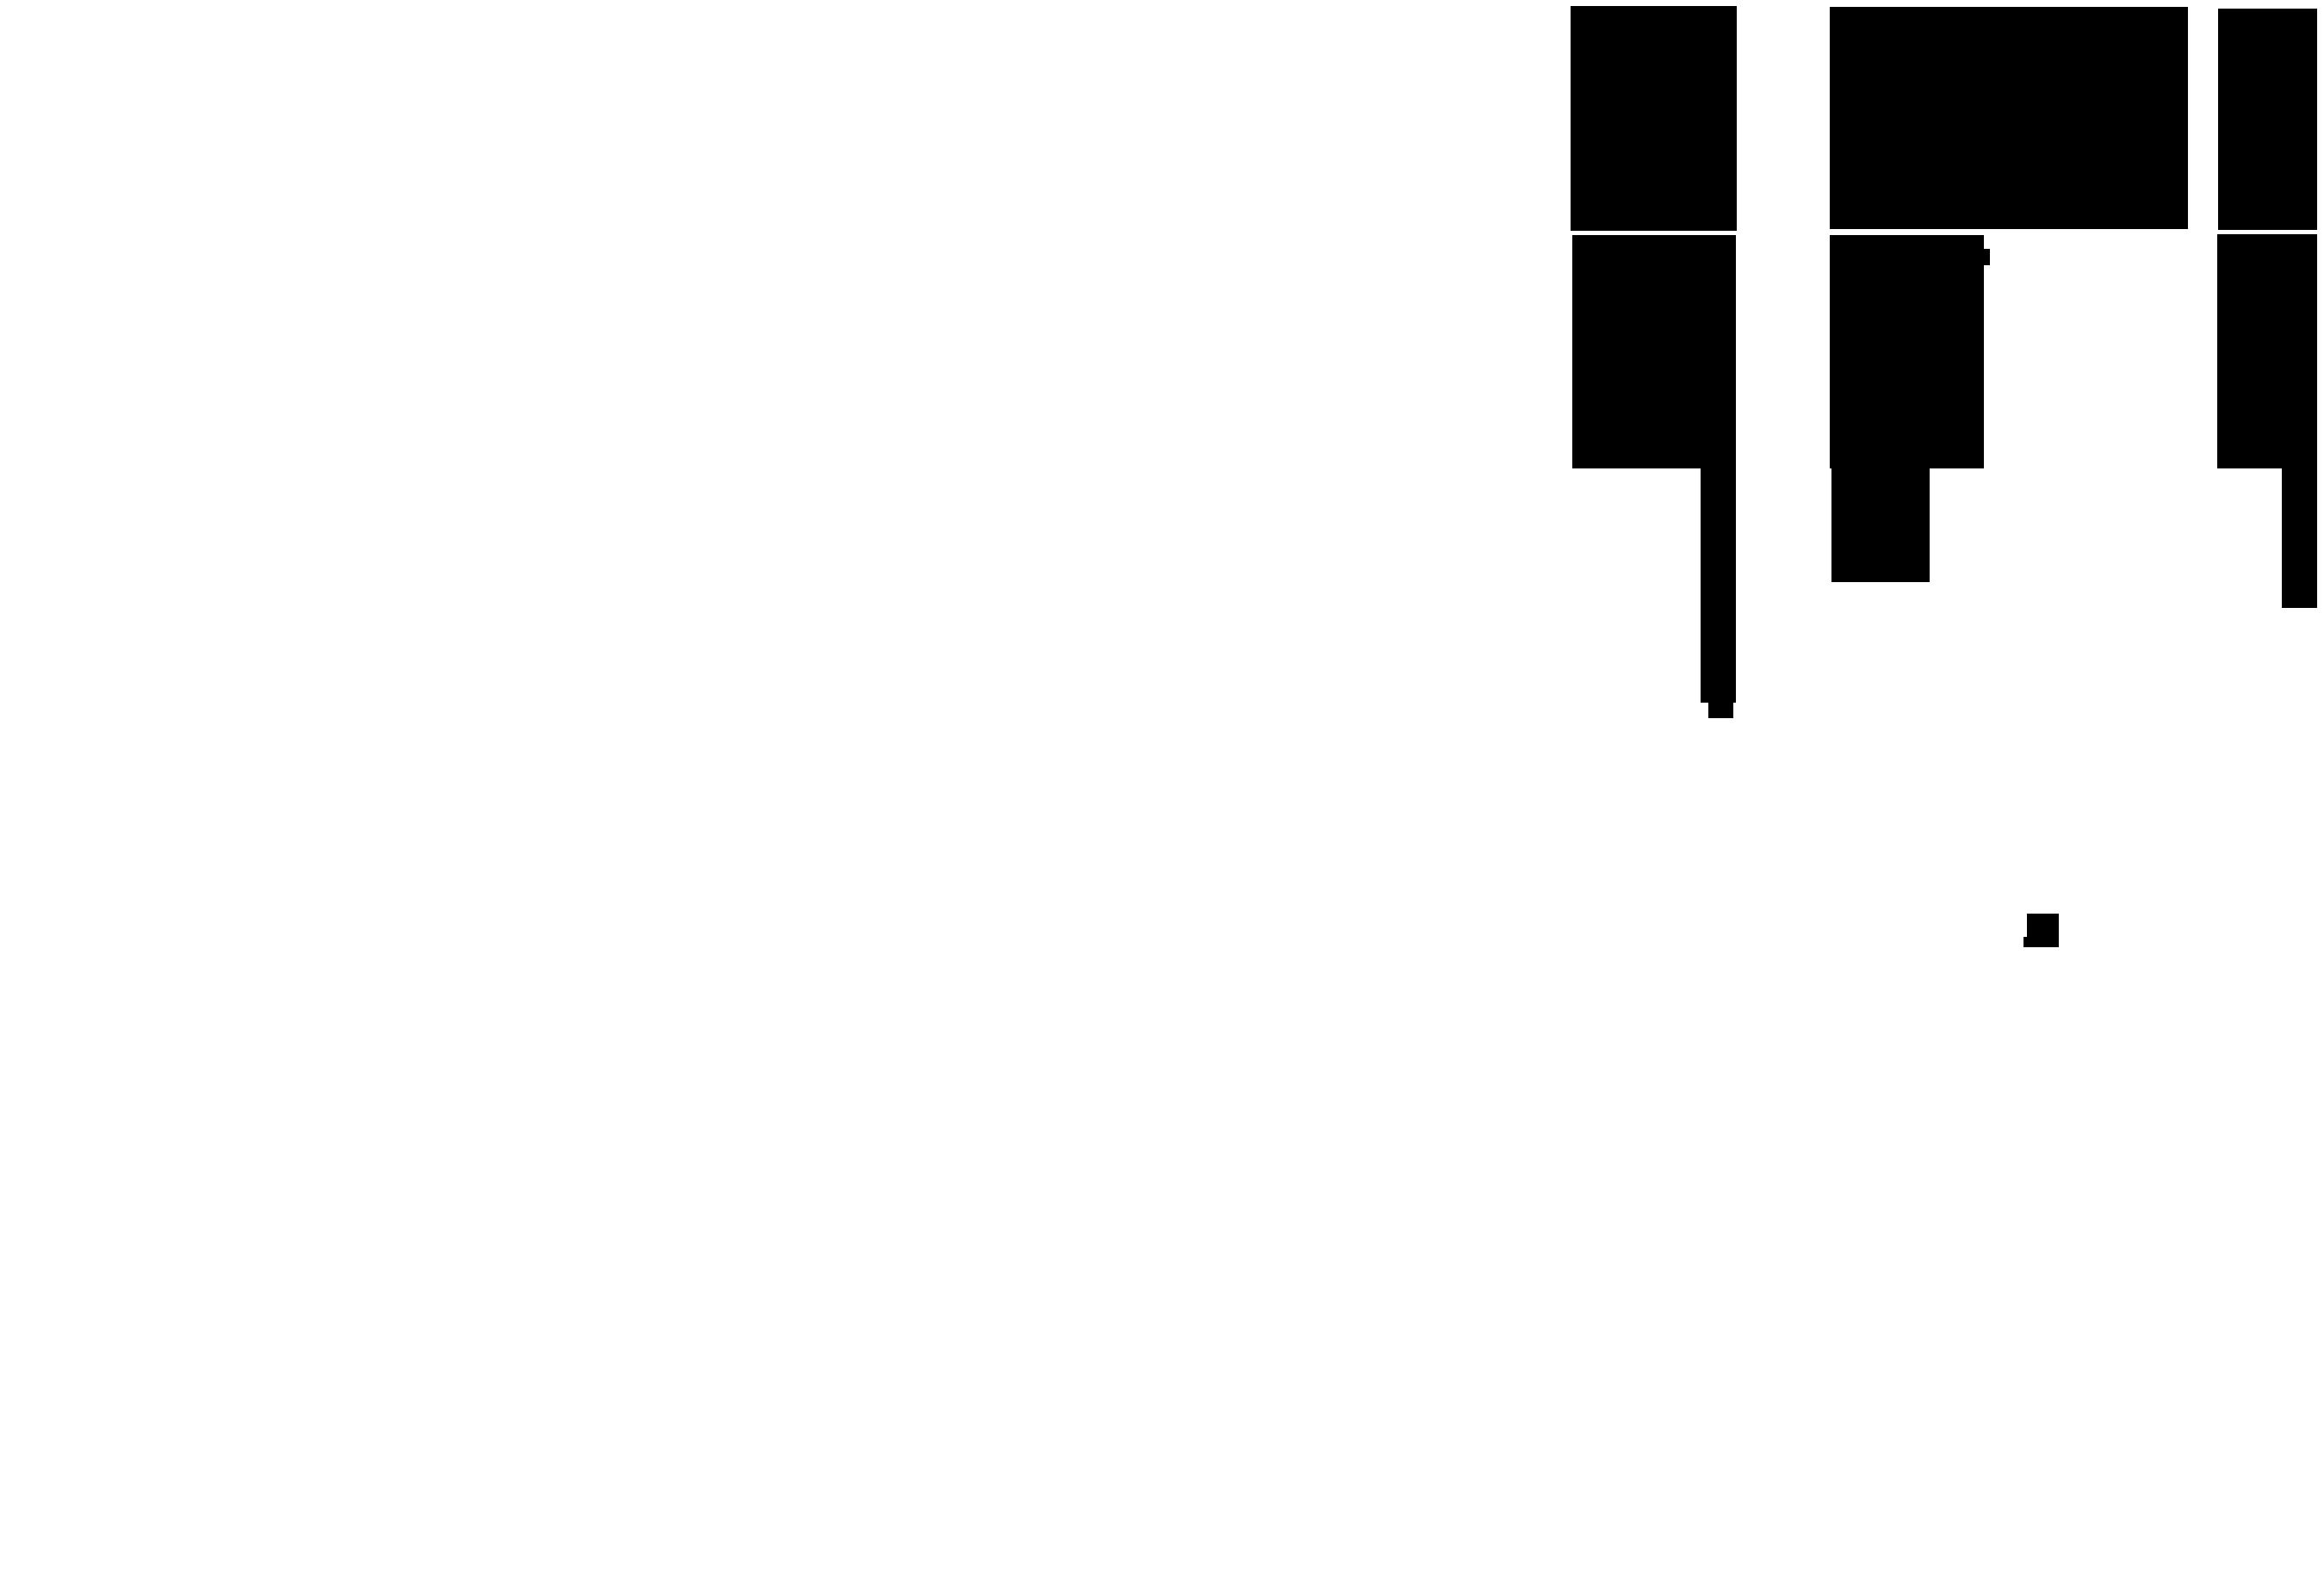 【6月26日掲載】詩客自由詩_亜久津歩縦書き用ルビ-2